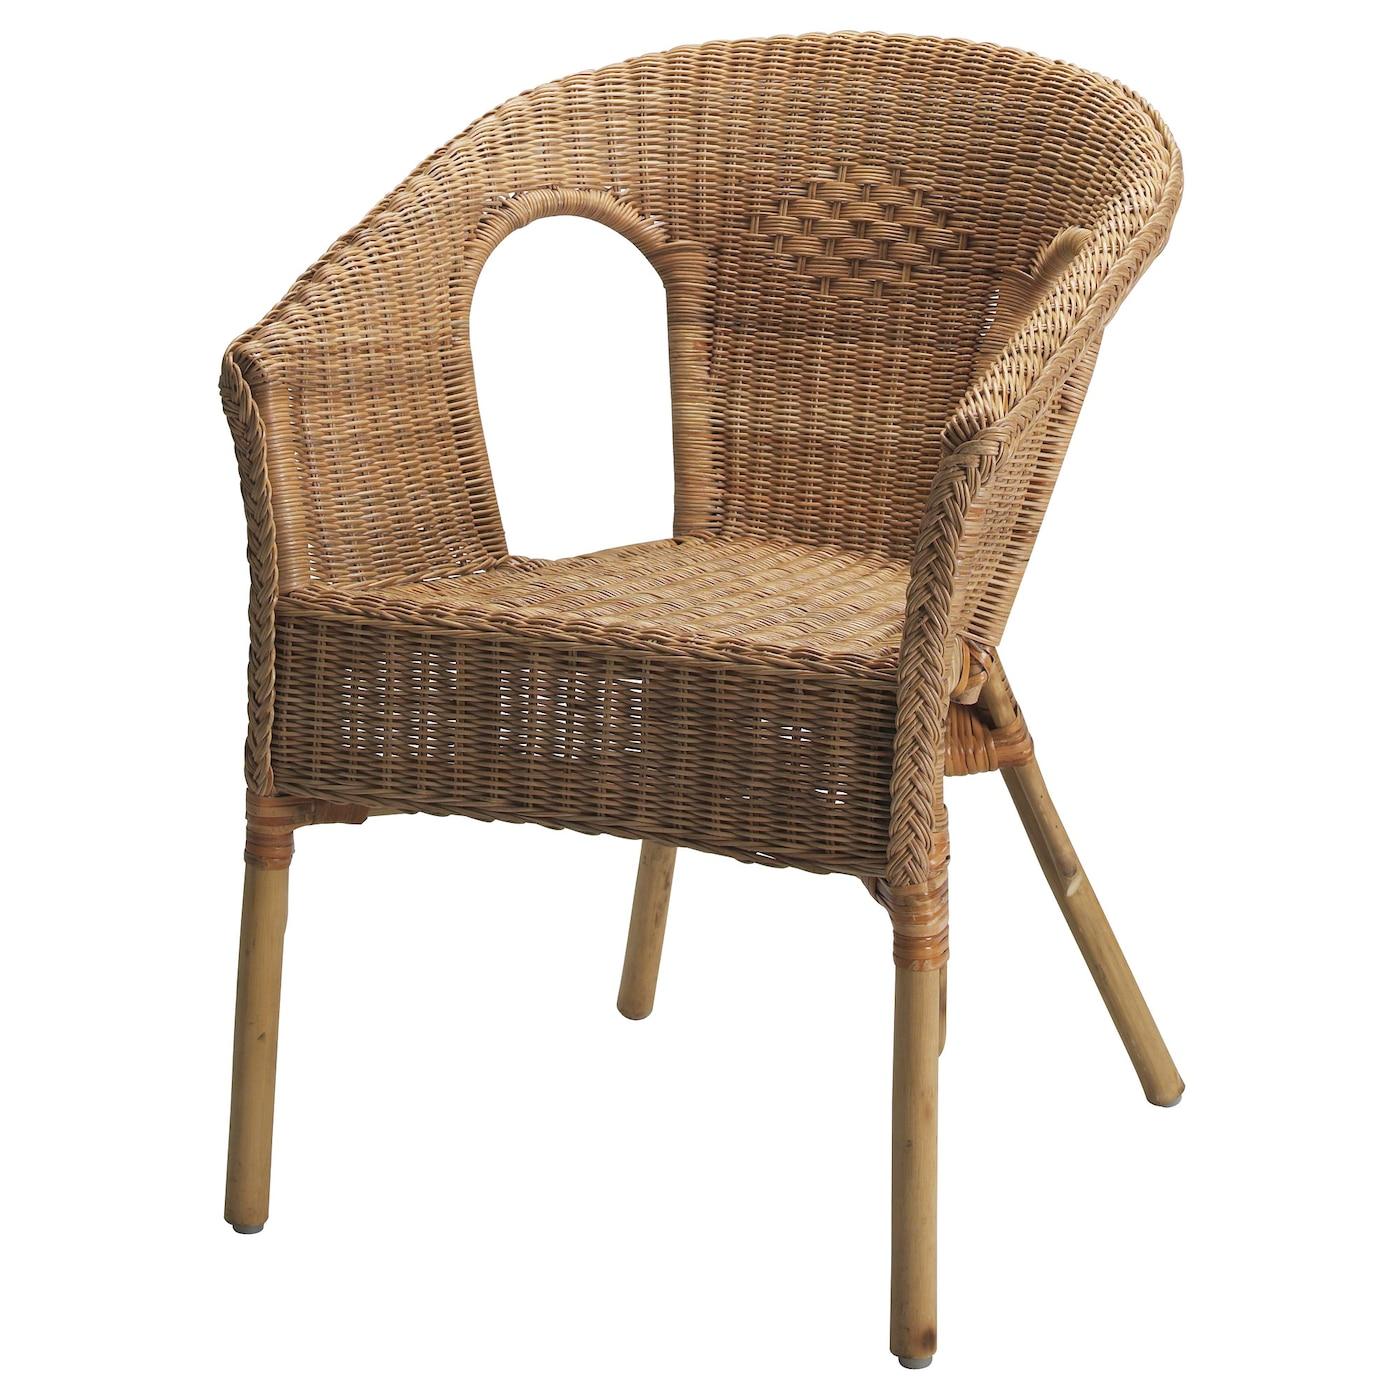 ikea agen fauteuil tiss la main chaque meuble est unique - Fauteuil Bambou